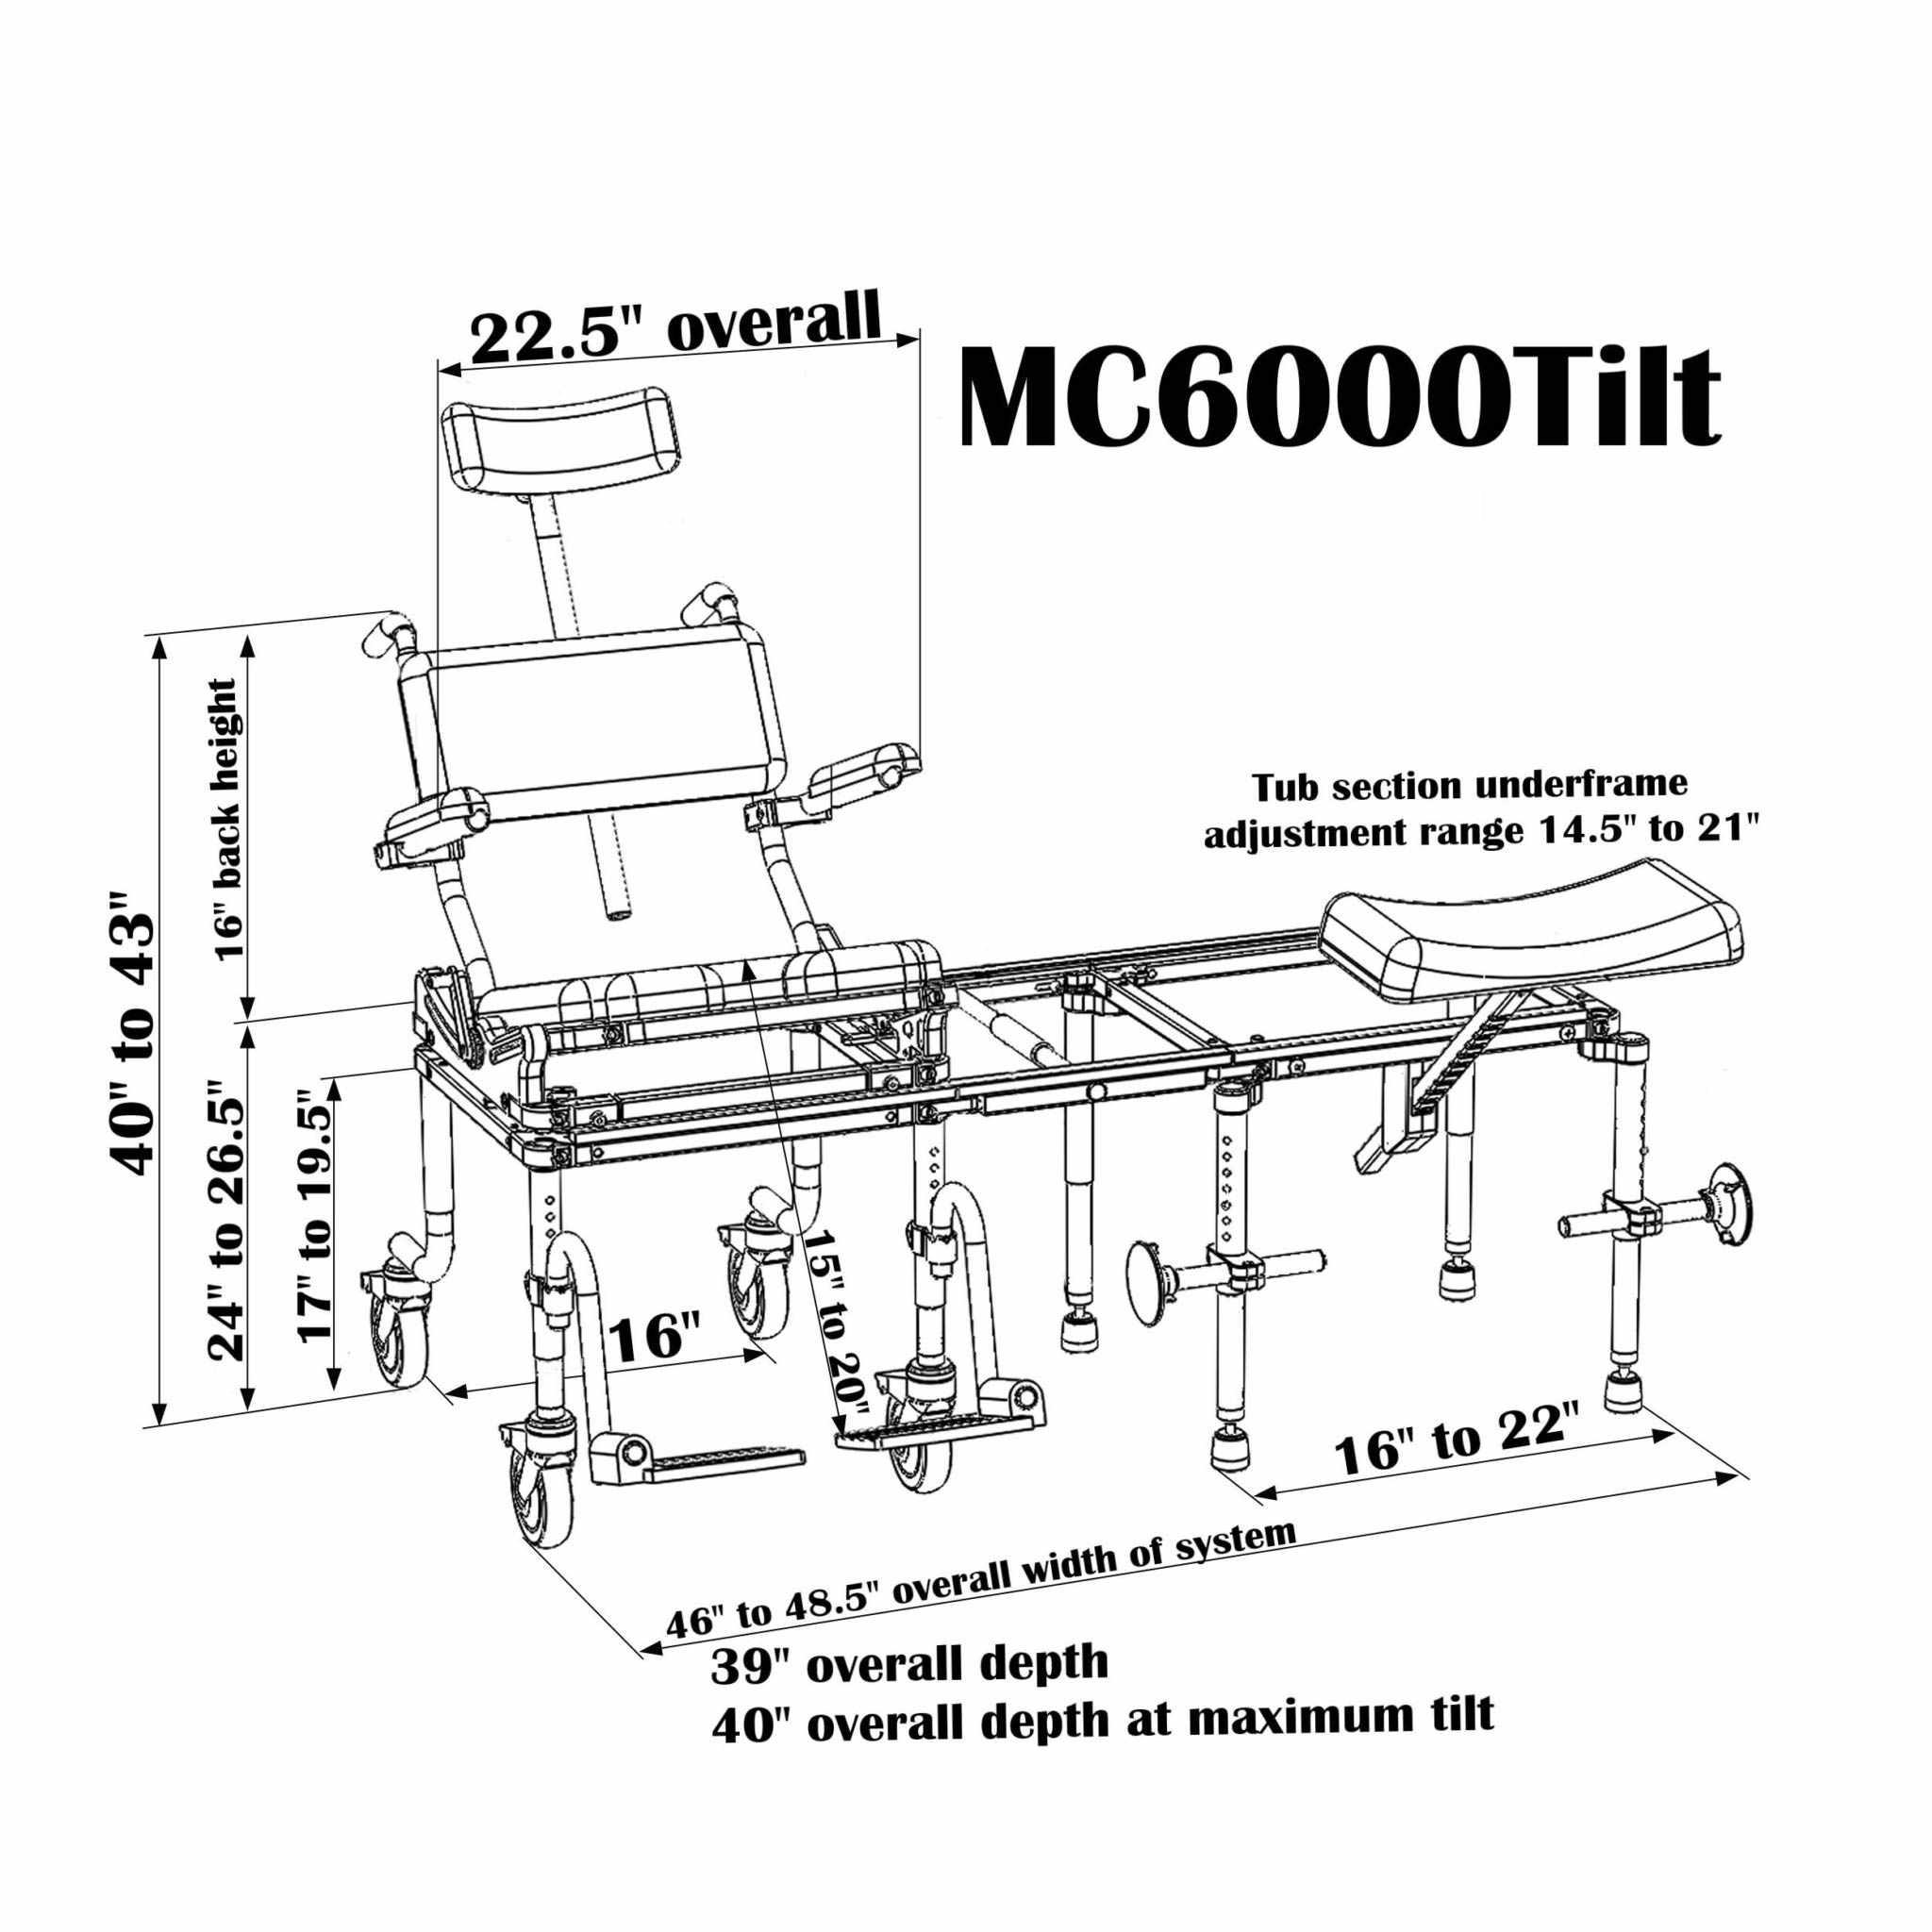 Nuprodx Multichair 6000Tilt Tub/Slider System | Medicaleshop